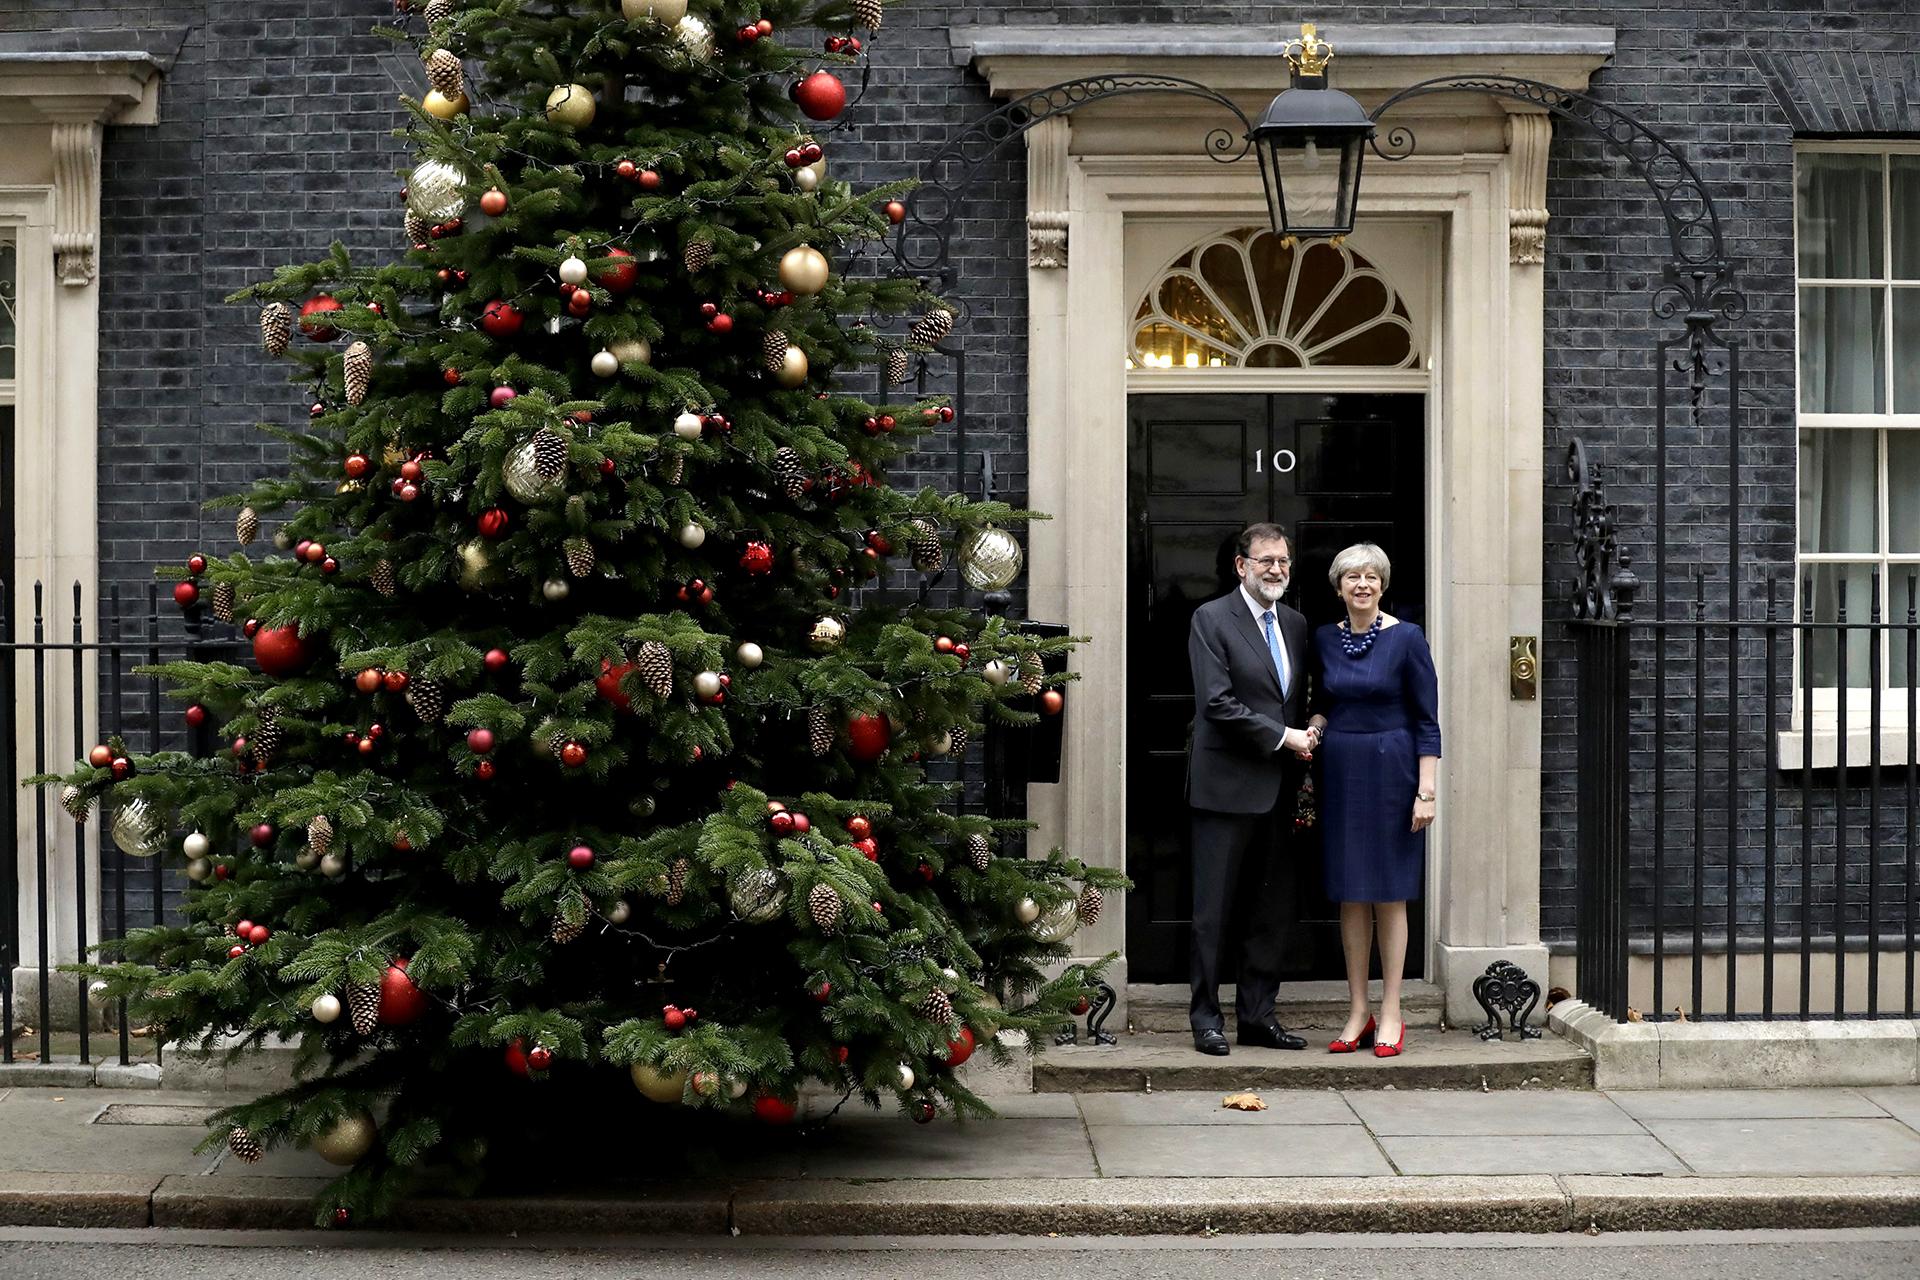 La primera ministra británica Theresa May y el presidente español Mariano Rajoy posan junto al árbol en la puerta de la sede del gobierno del Reino Unido, en el 10 deDowning Street, Londres